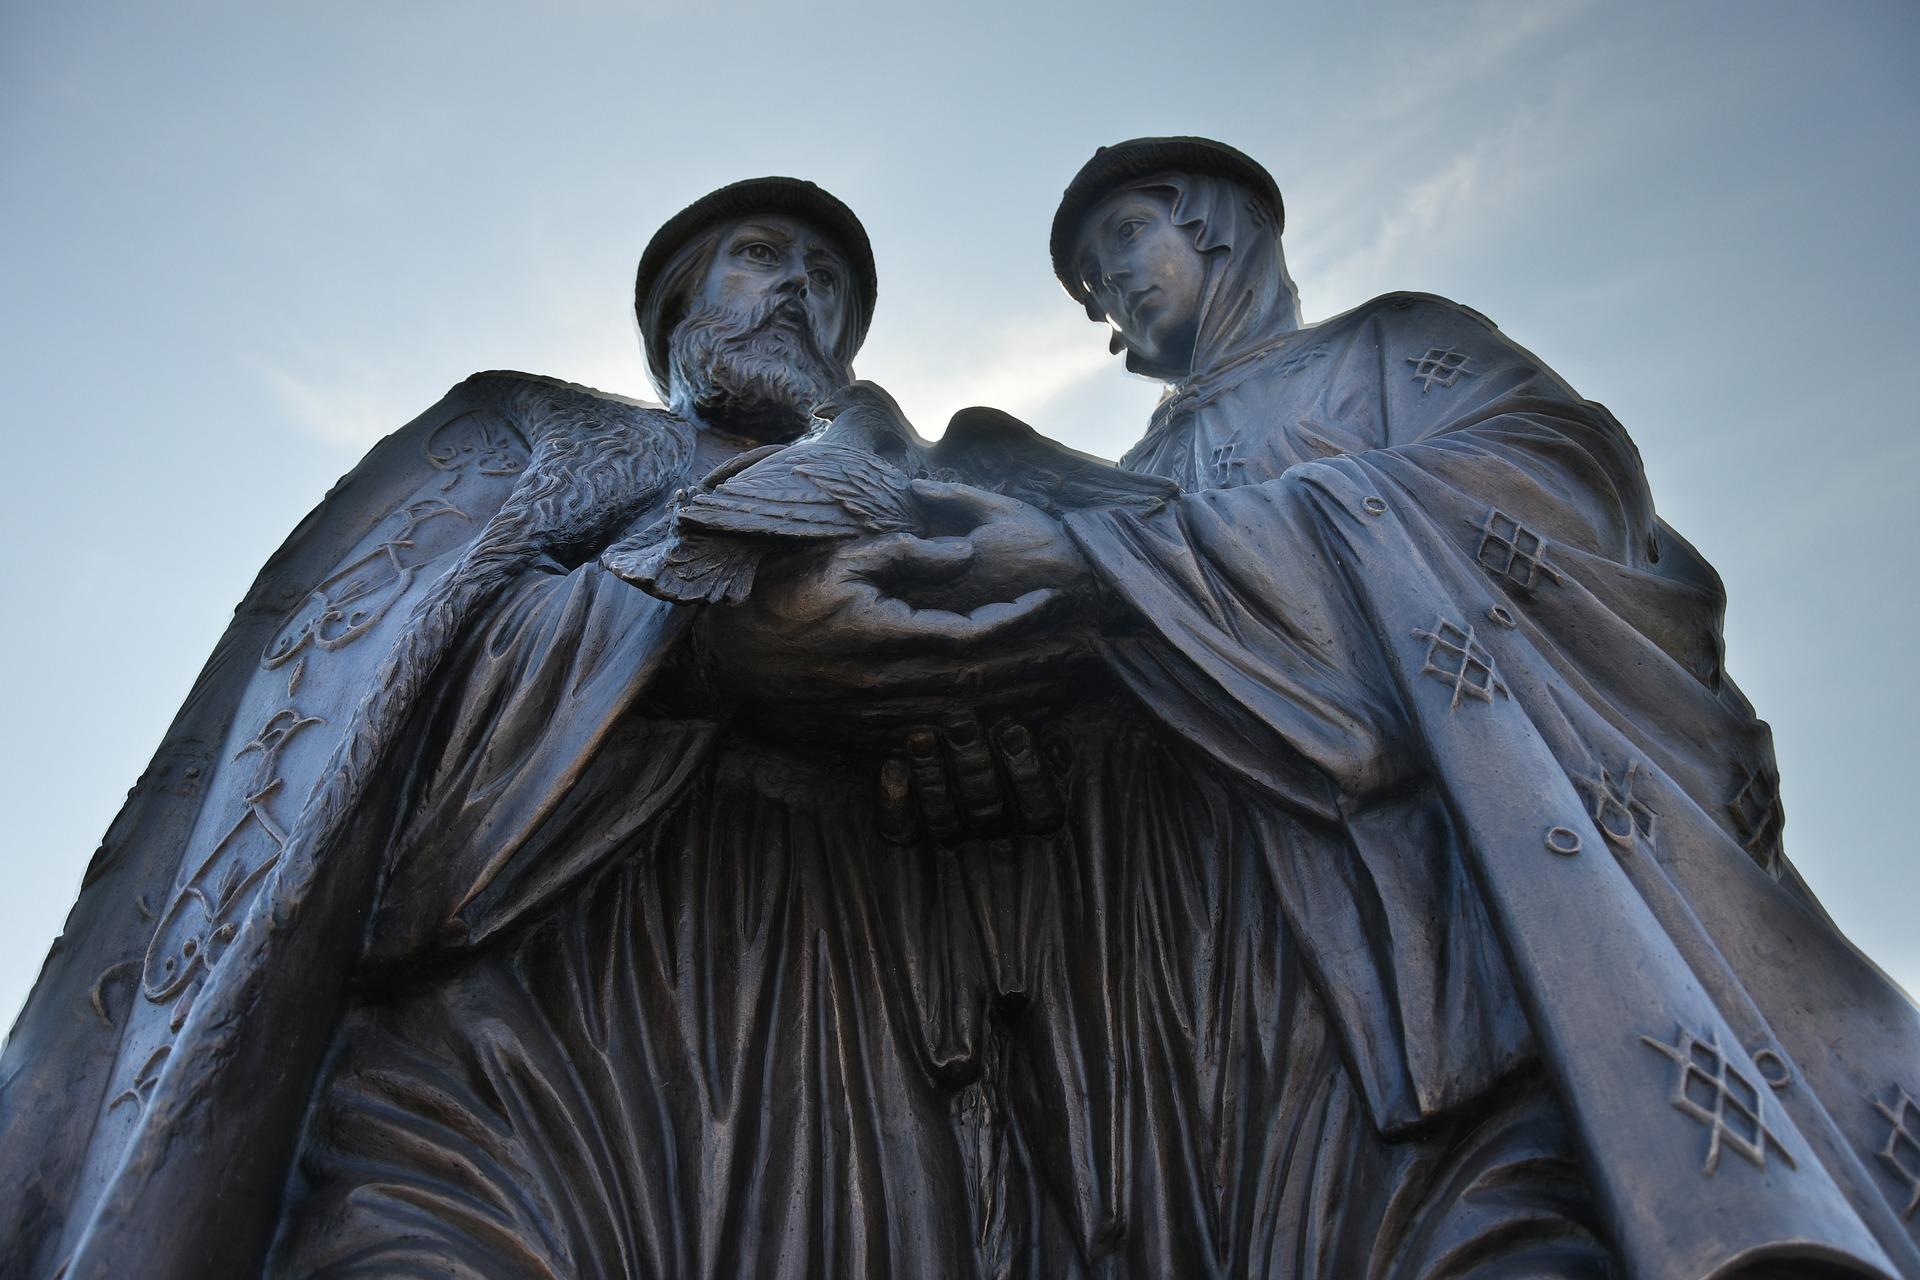 День семьи, любви и верности: день памяти Муромских чудотворцев и возвращение к традициям